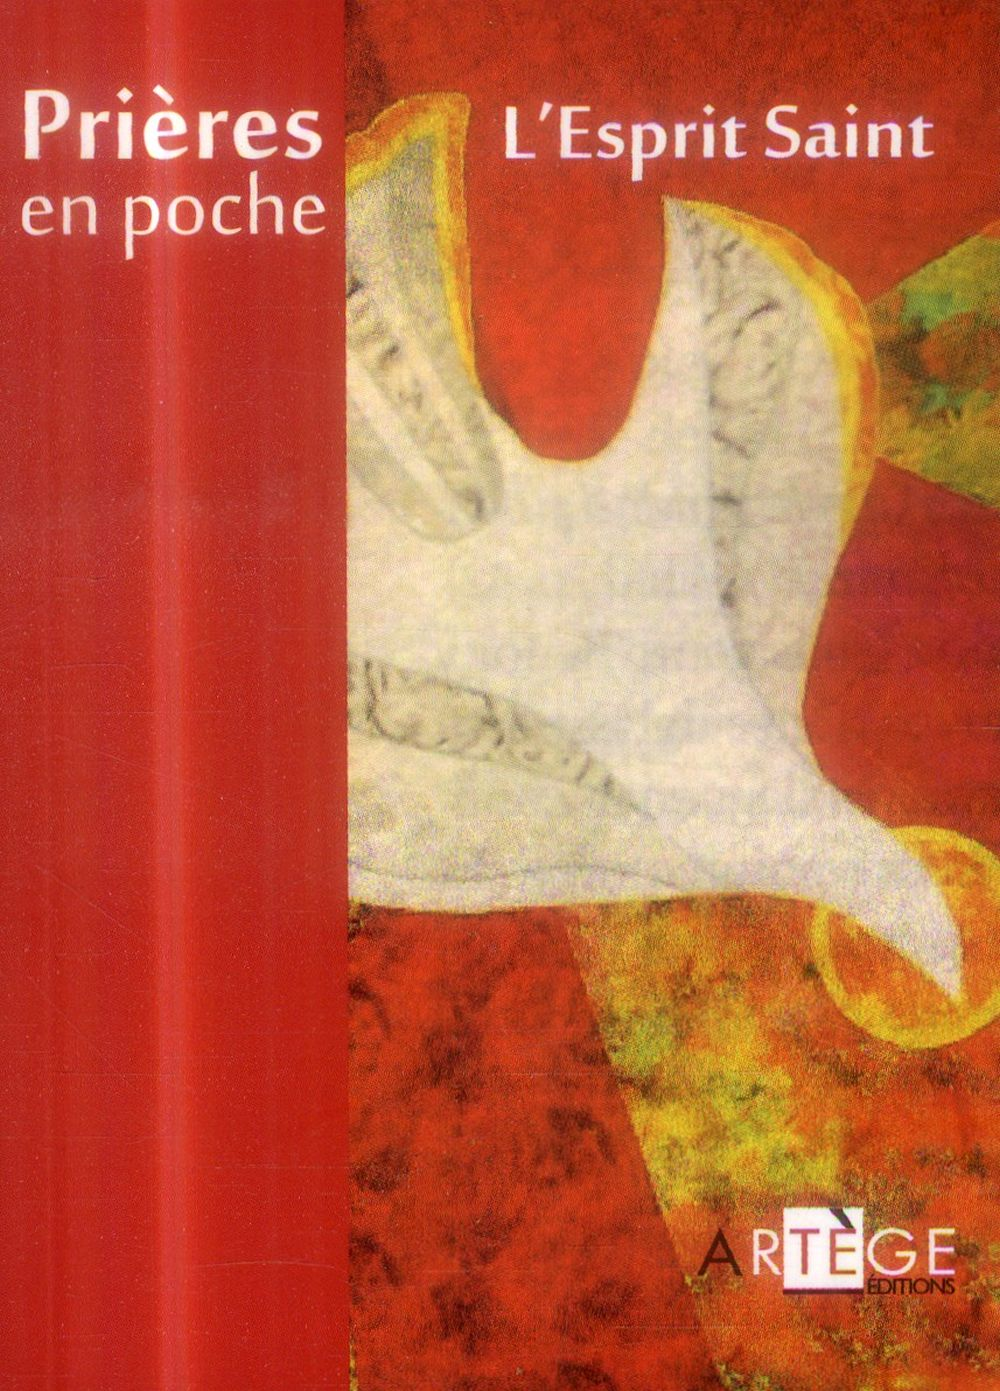 PRIERES EN POCHE - L'ESPRIT SAINT